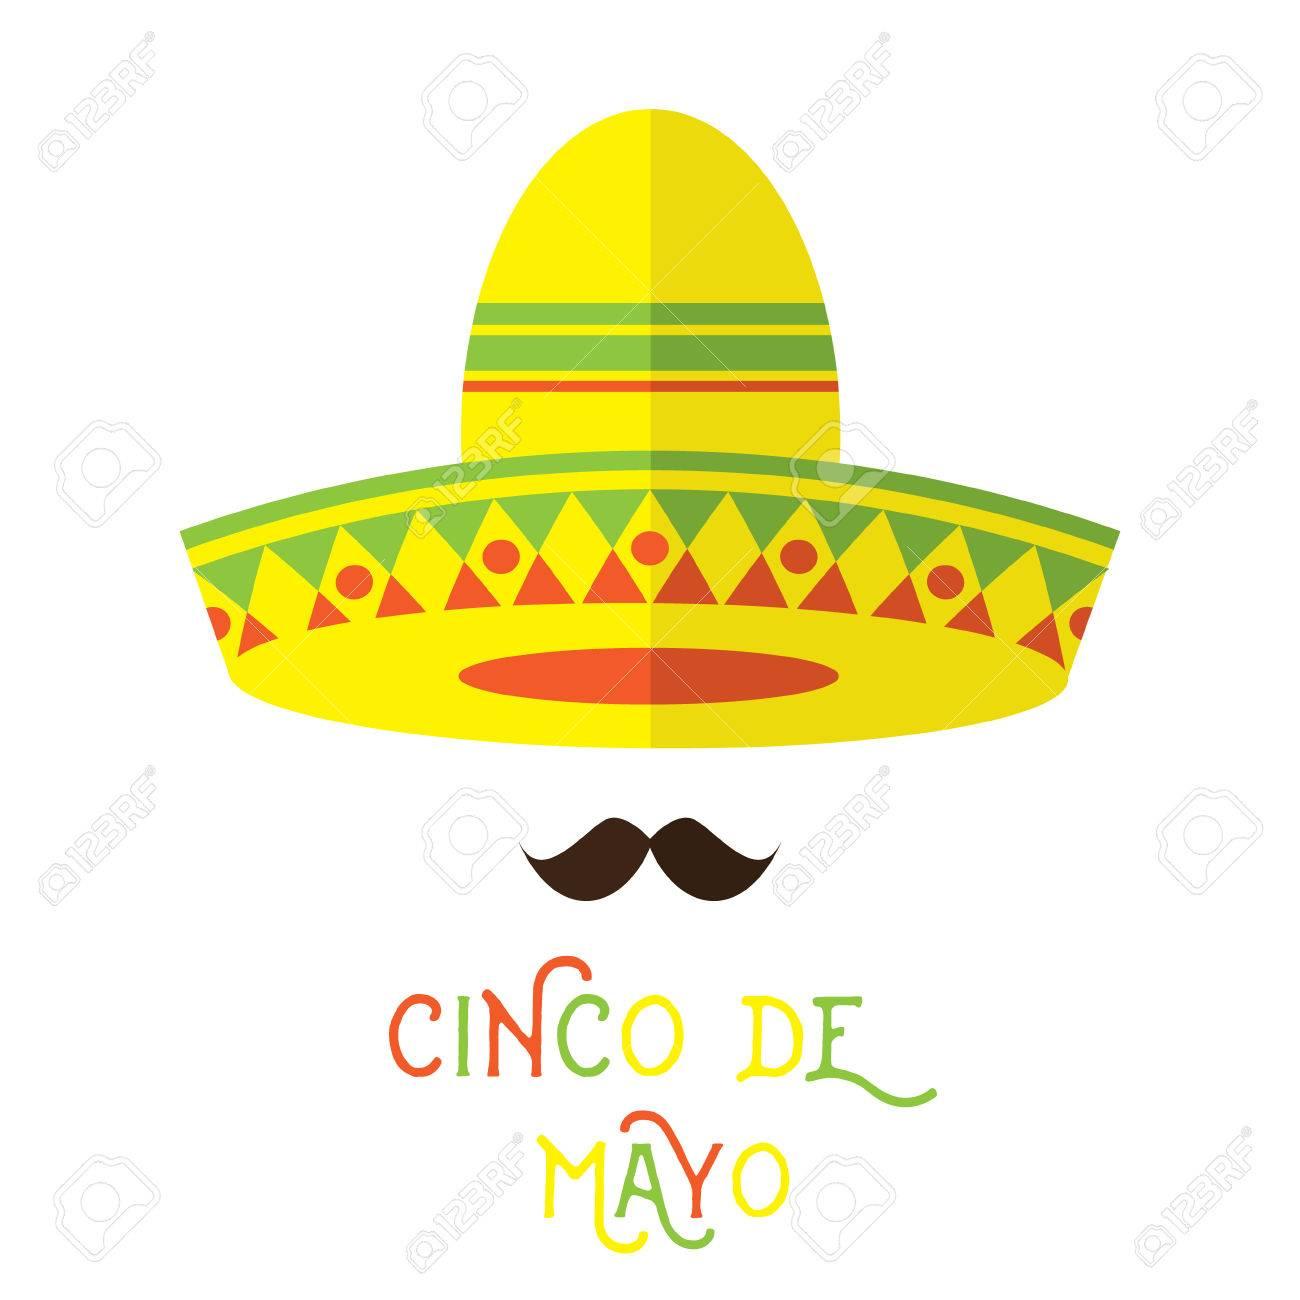 Foto de archivo - La cara mexicana abstracto con gran bigote y elemento de  diseño de estilo plano sombrero de dibujos animados sombrero. 4dab0e11763